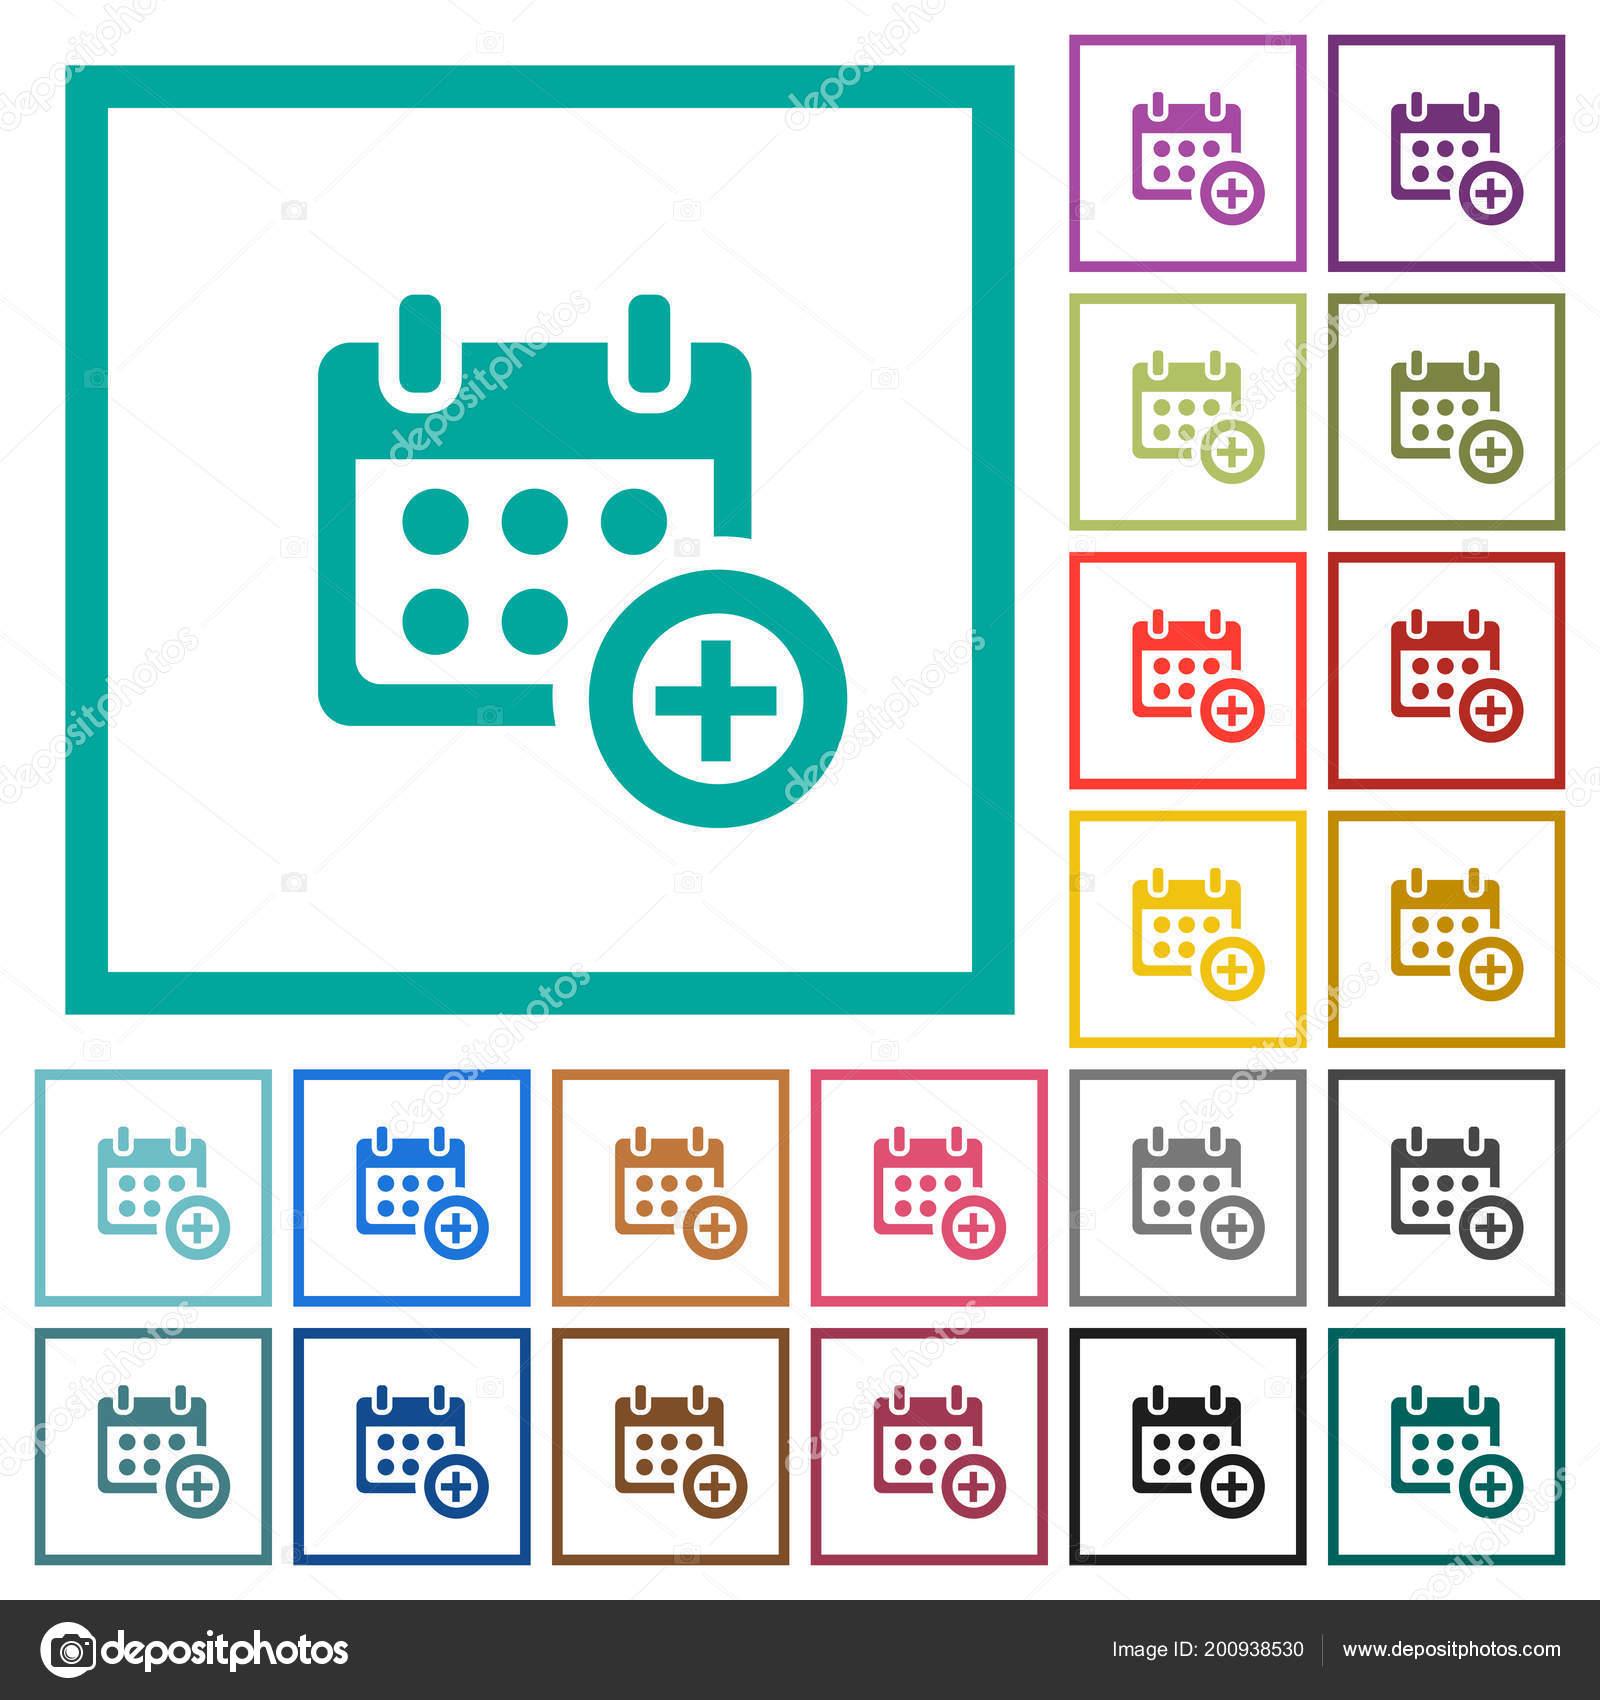 Anadir Calendario.Anadir Los Iconos Color Plano Calendario Con Cuadros